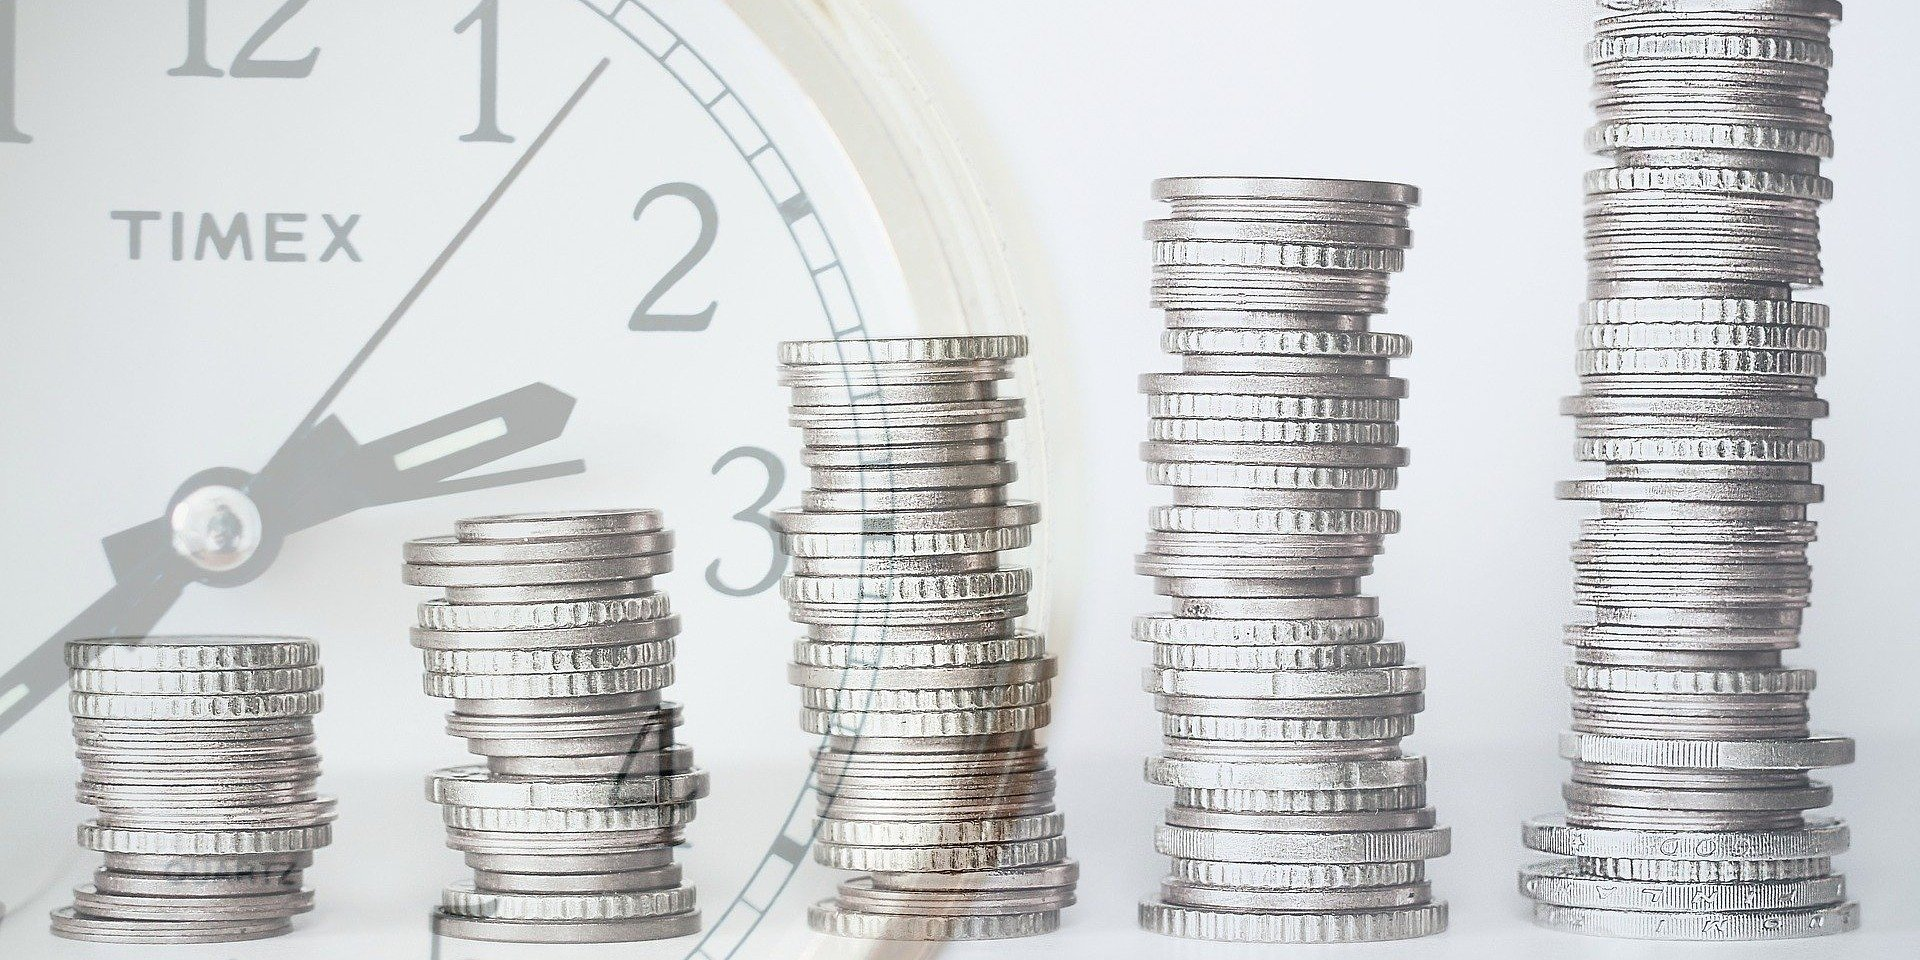 [Tarcza 2.0] FAQ - 5000 zł bezzwrotnej pożyczki dla mikroprzedsiębiorców